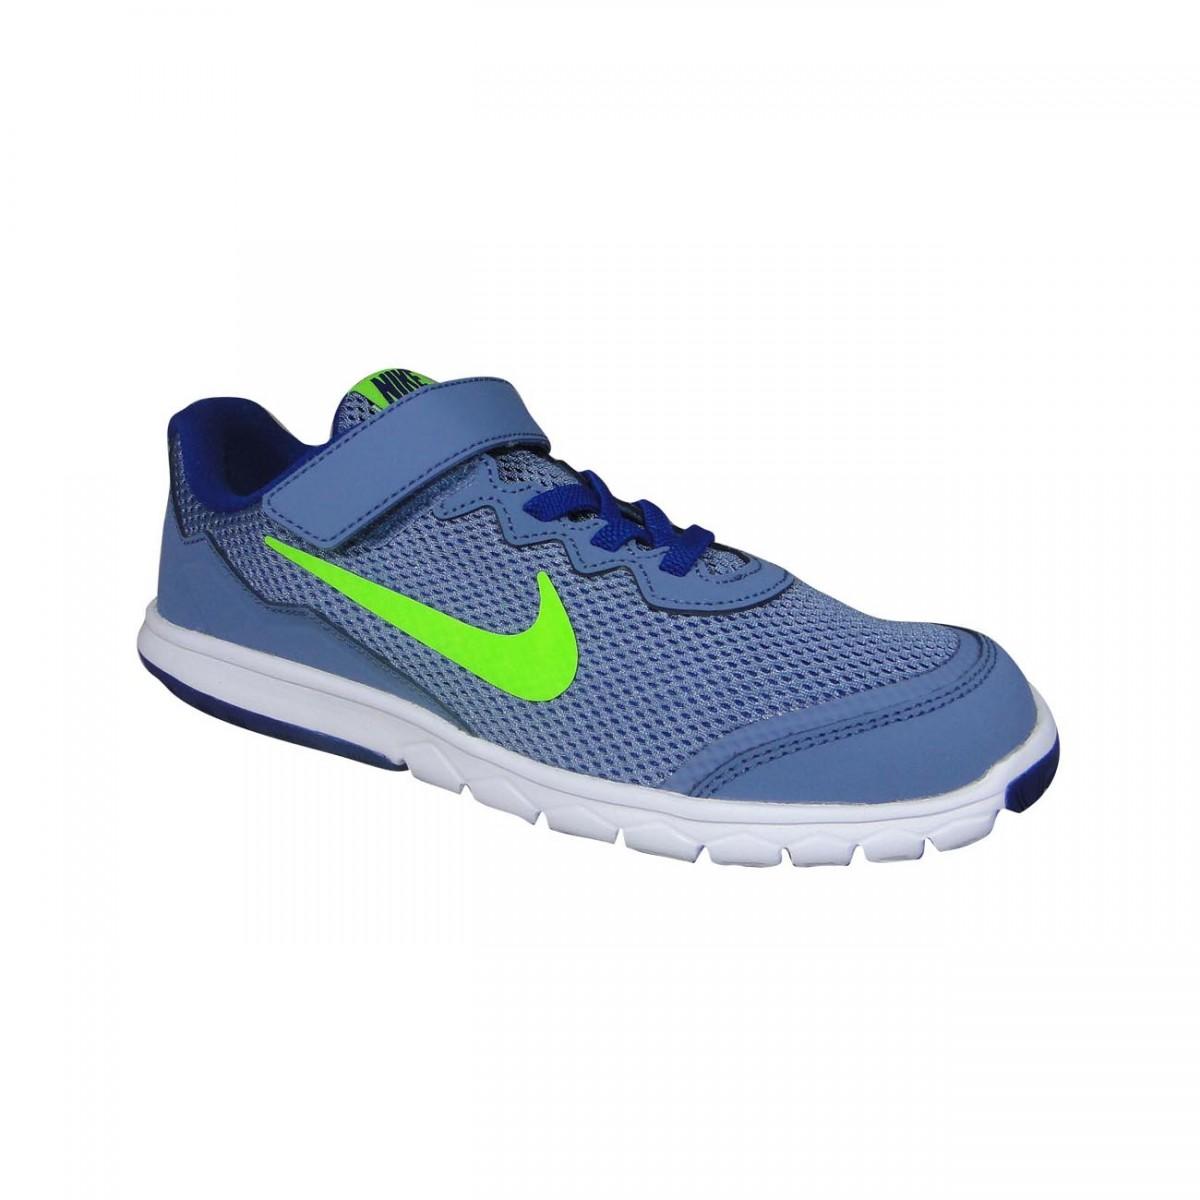 6e803c92fa Tenis Nike Flex Experience 4 Juvenil 749809 402 - Grafite Limão ...